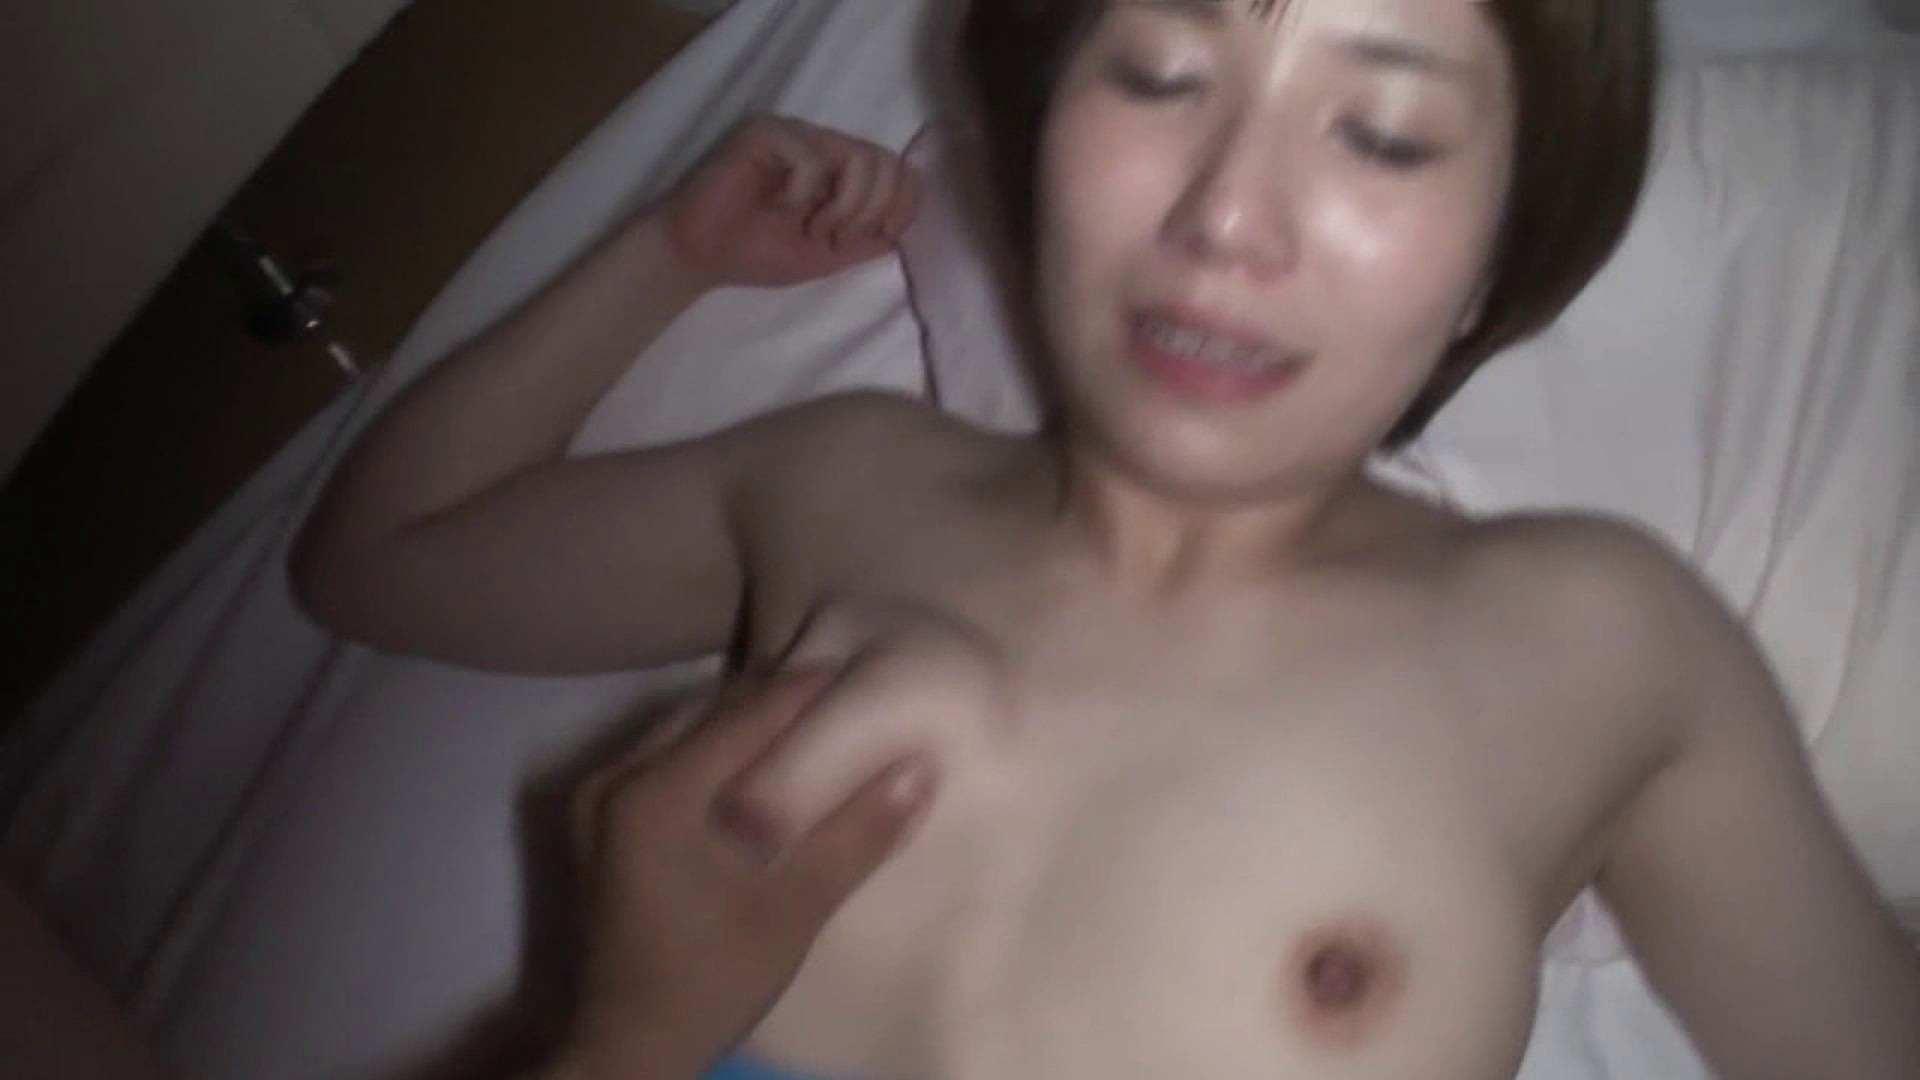 おしえてギャル子のH塾 Vol.41 オナニー覗き見 すけべAV動画紹介 78pic 75